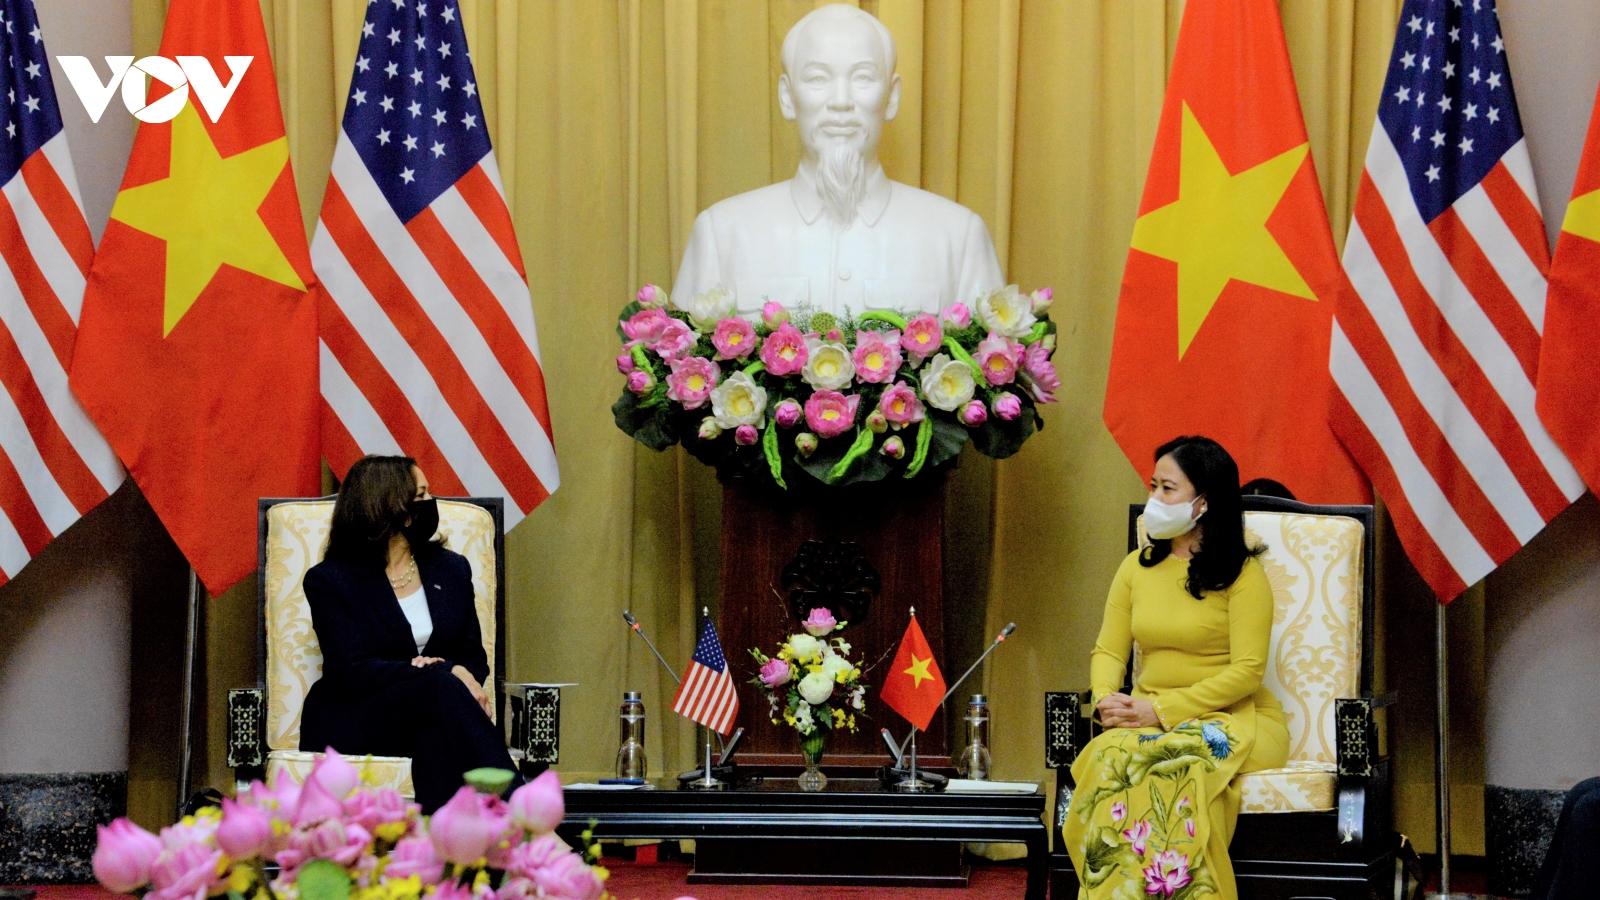 Phó Chủ tịch nước Võ Thị Ánh Xuân tiếp Phó Tổng thống Hoa Kỳ Kamala Harris